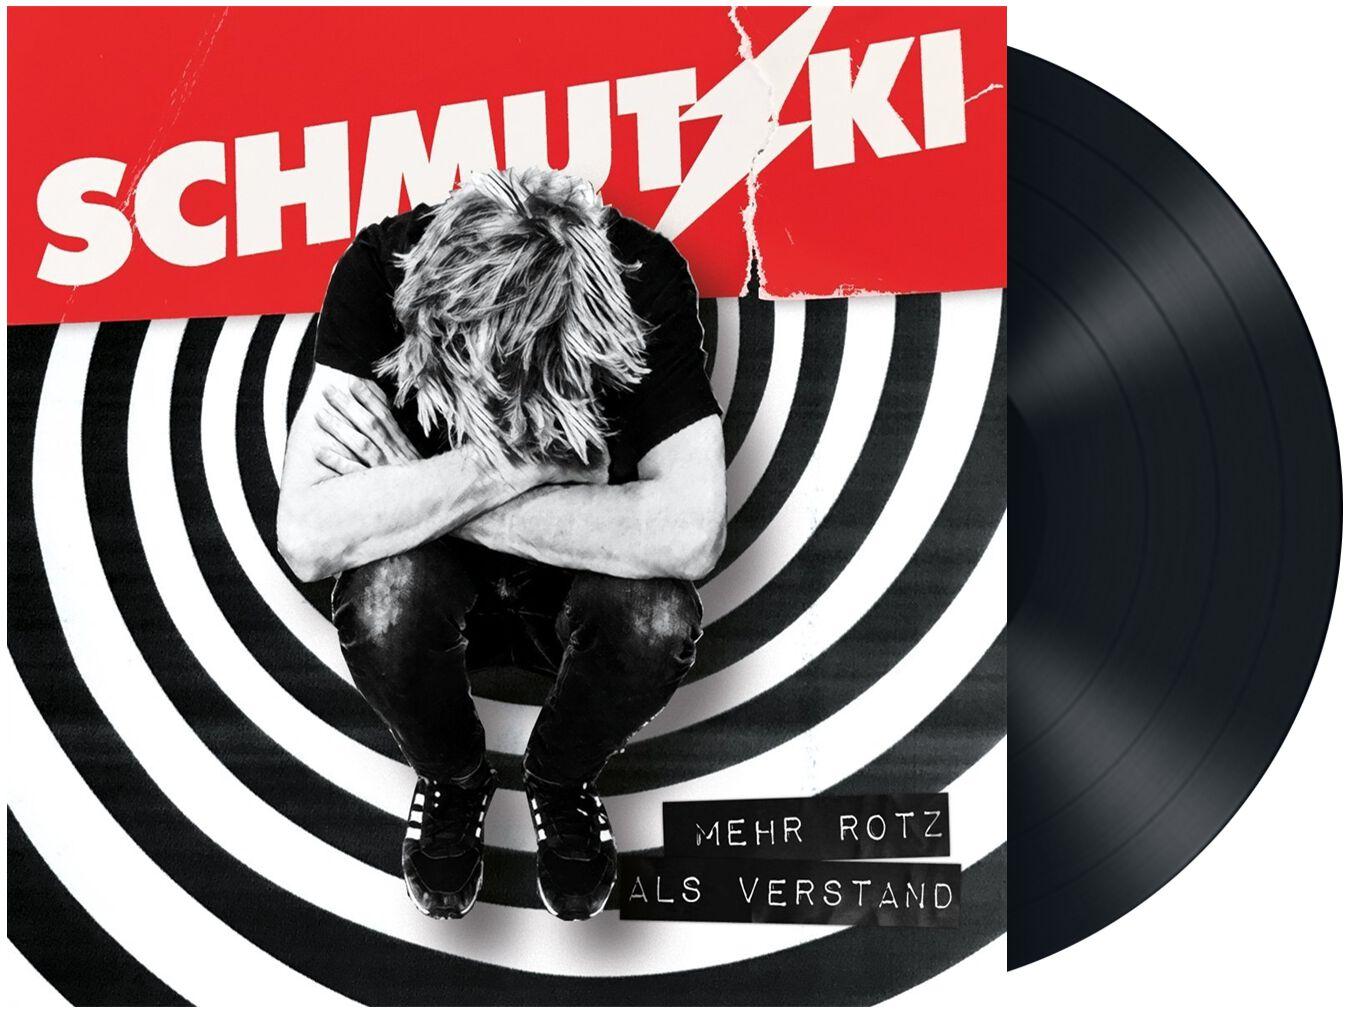 Schmutzki Mehr Rotz als Verstand LP Standard